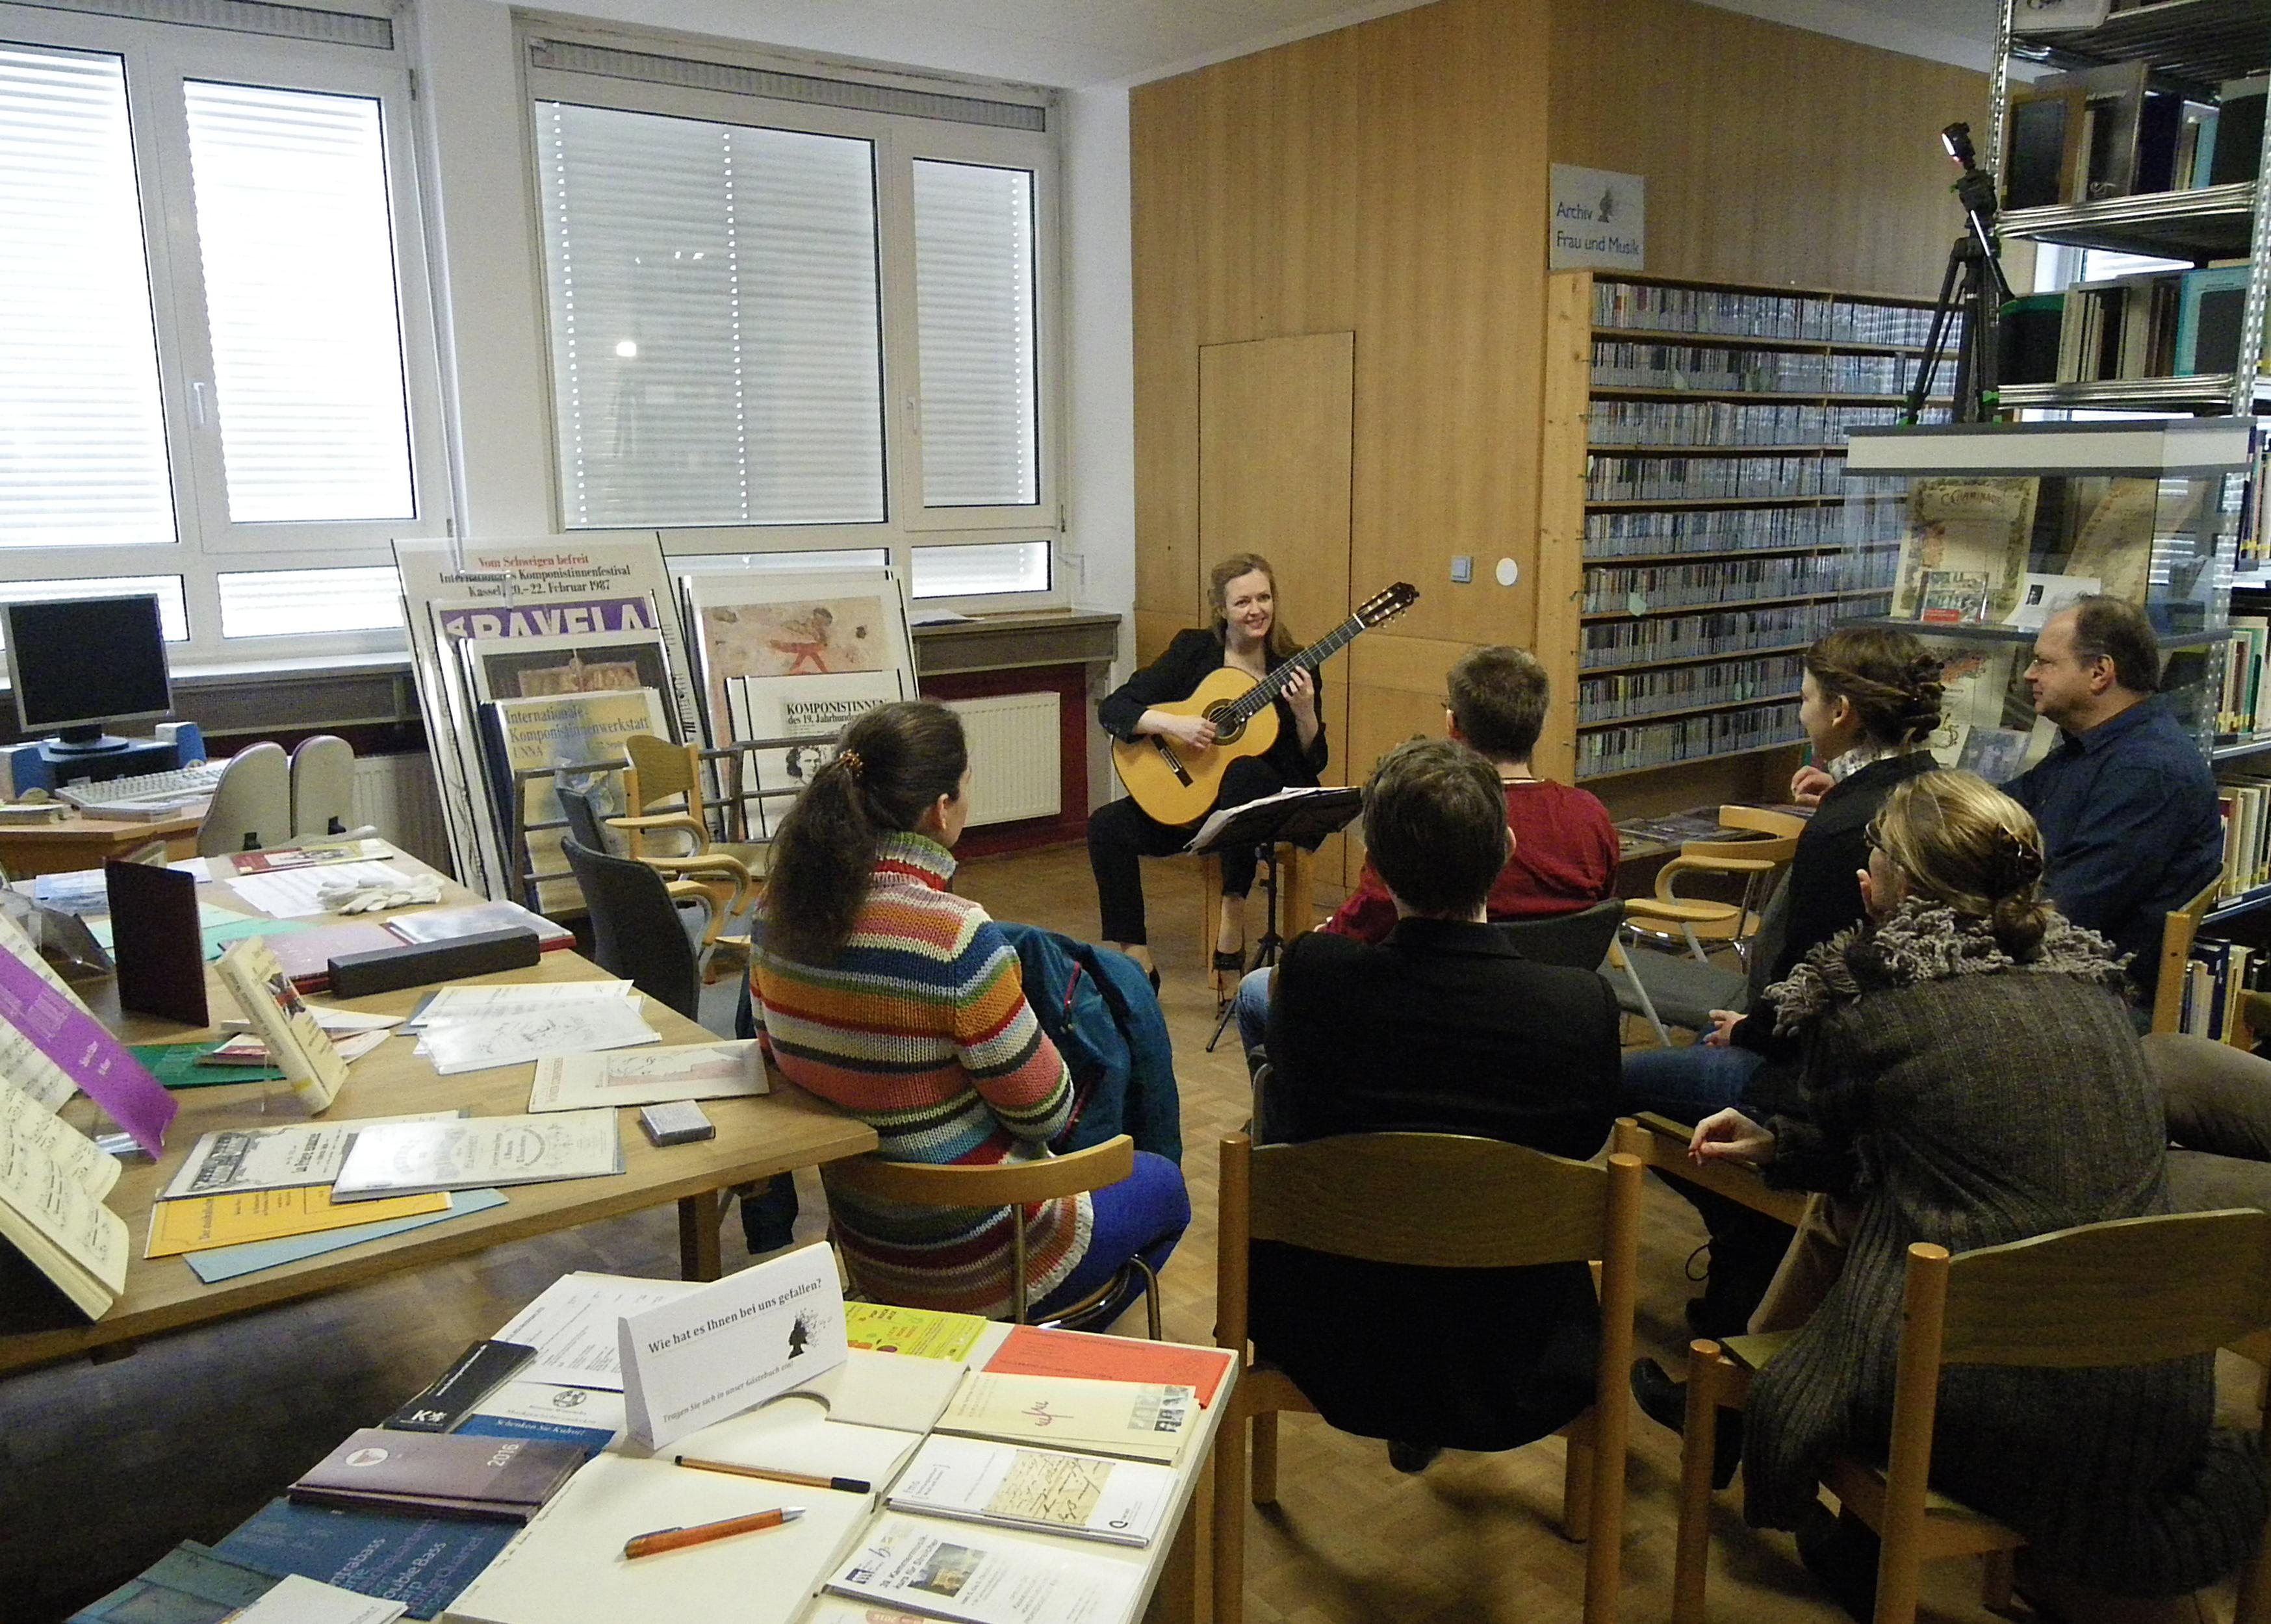 Konzert der Gitarristin Heike Matthias im Rahmen der Veranstaltung zum deutschlandweiten Tag der Archive im Archiv Frau und Musik